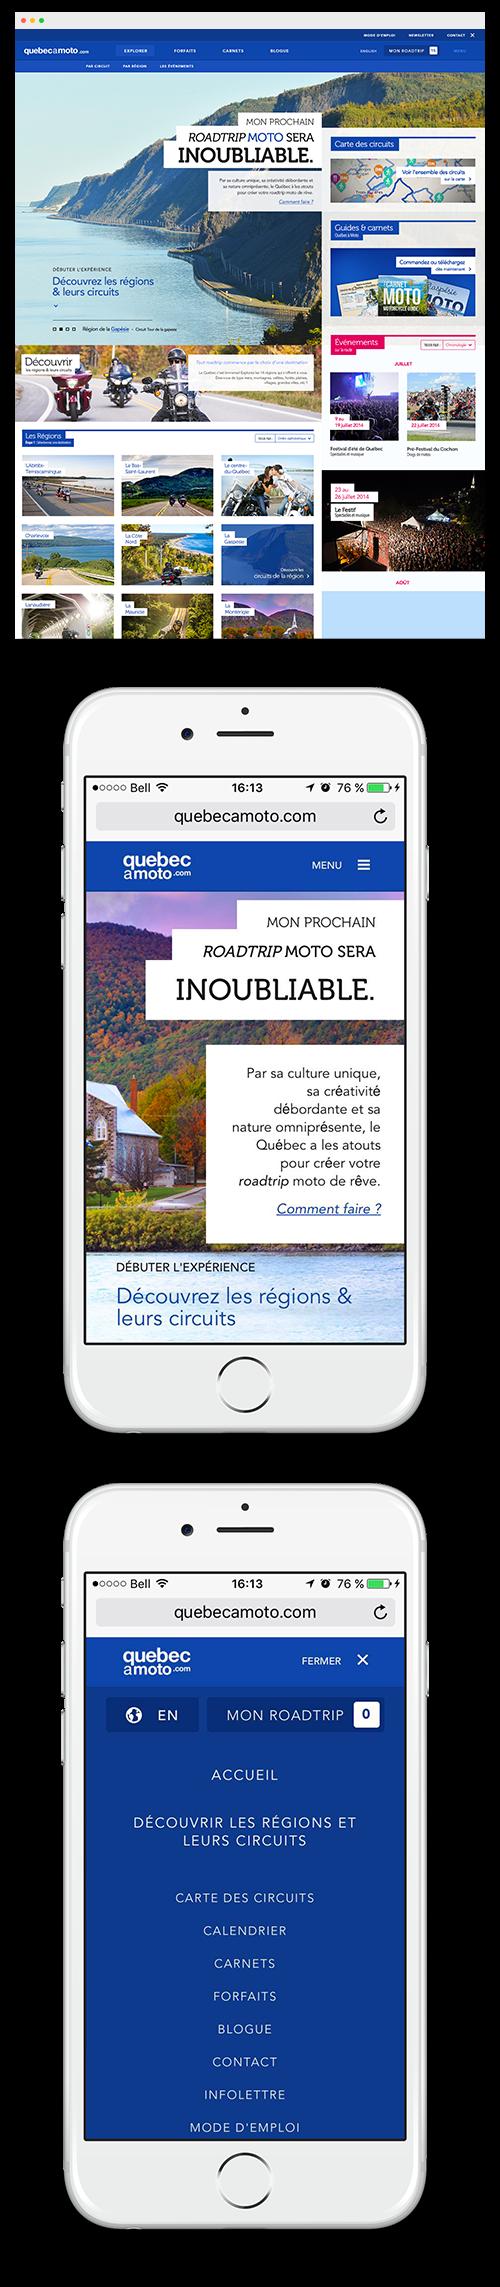 ATRAQ_moto_desktop&mobile